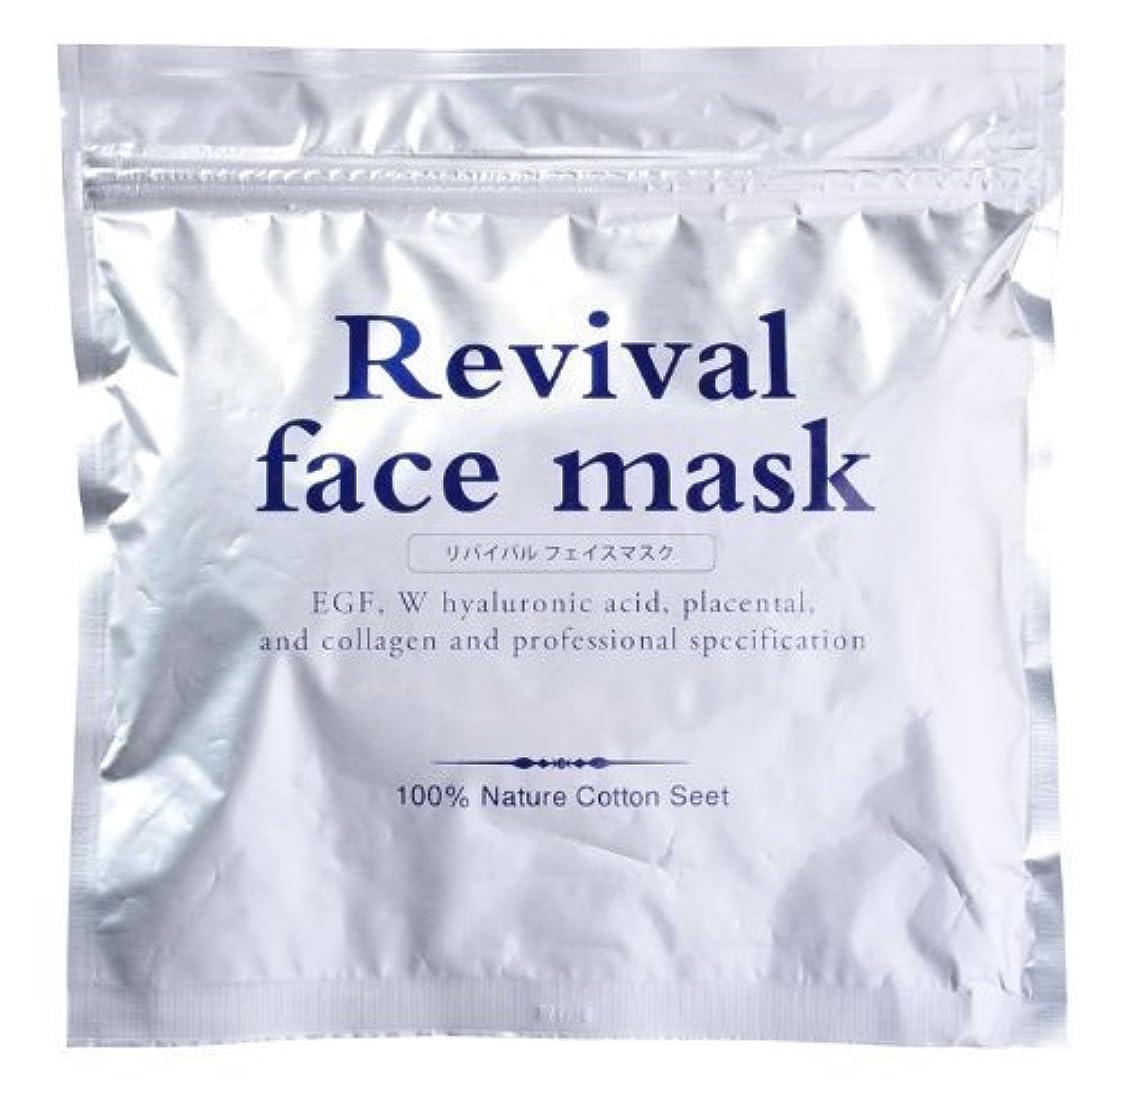 それら助けになる破壊的リバイバル フェイスマスク 30枚